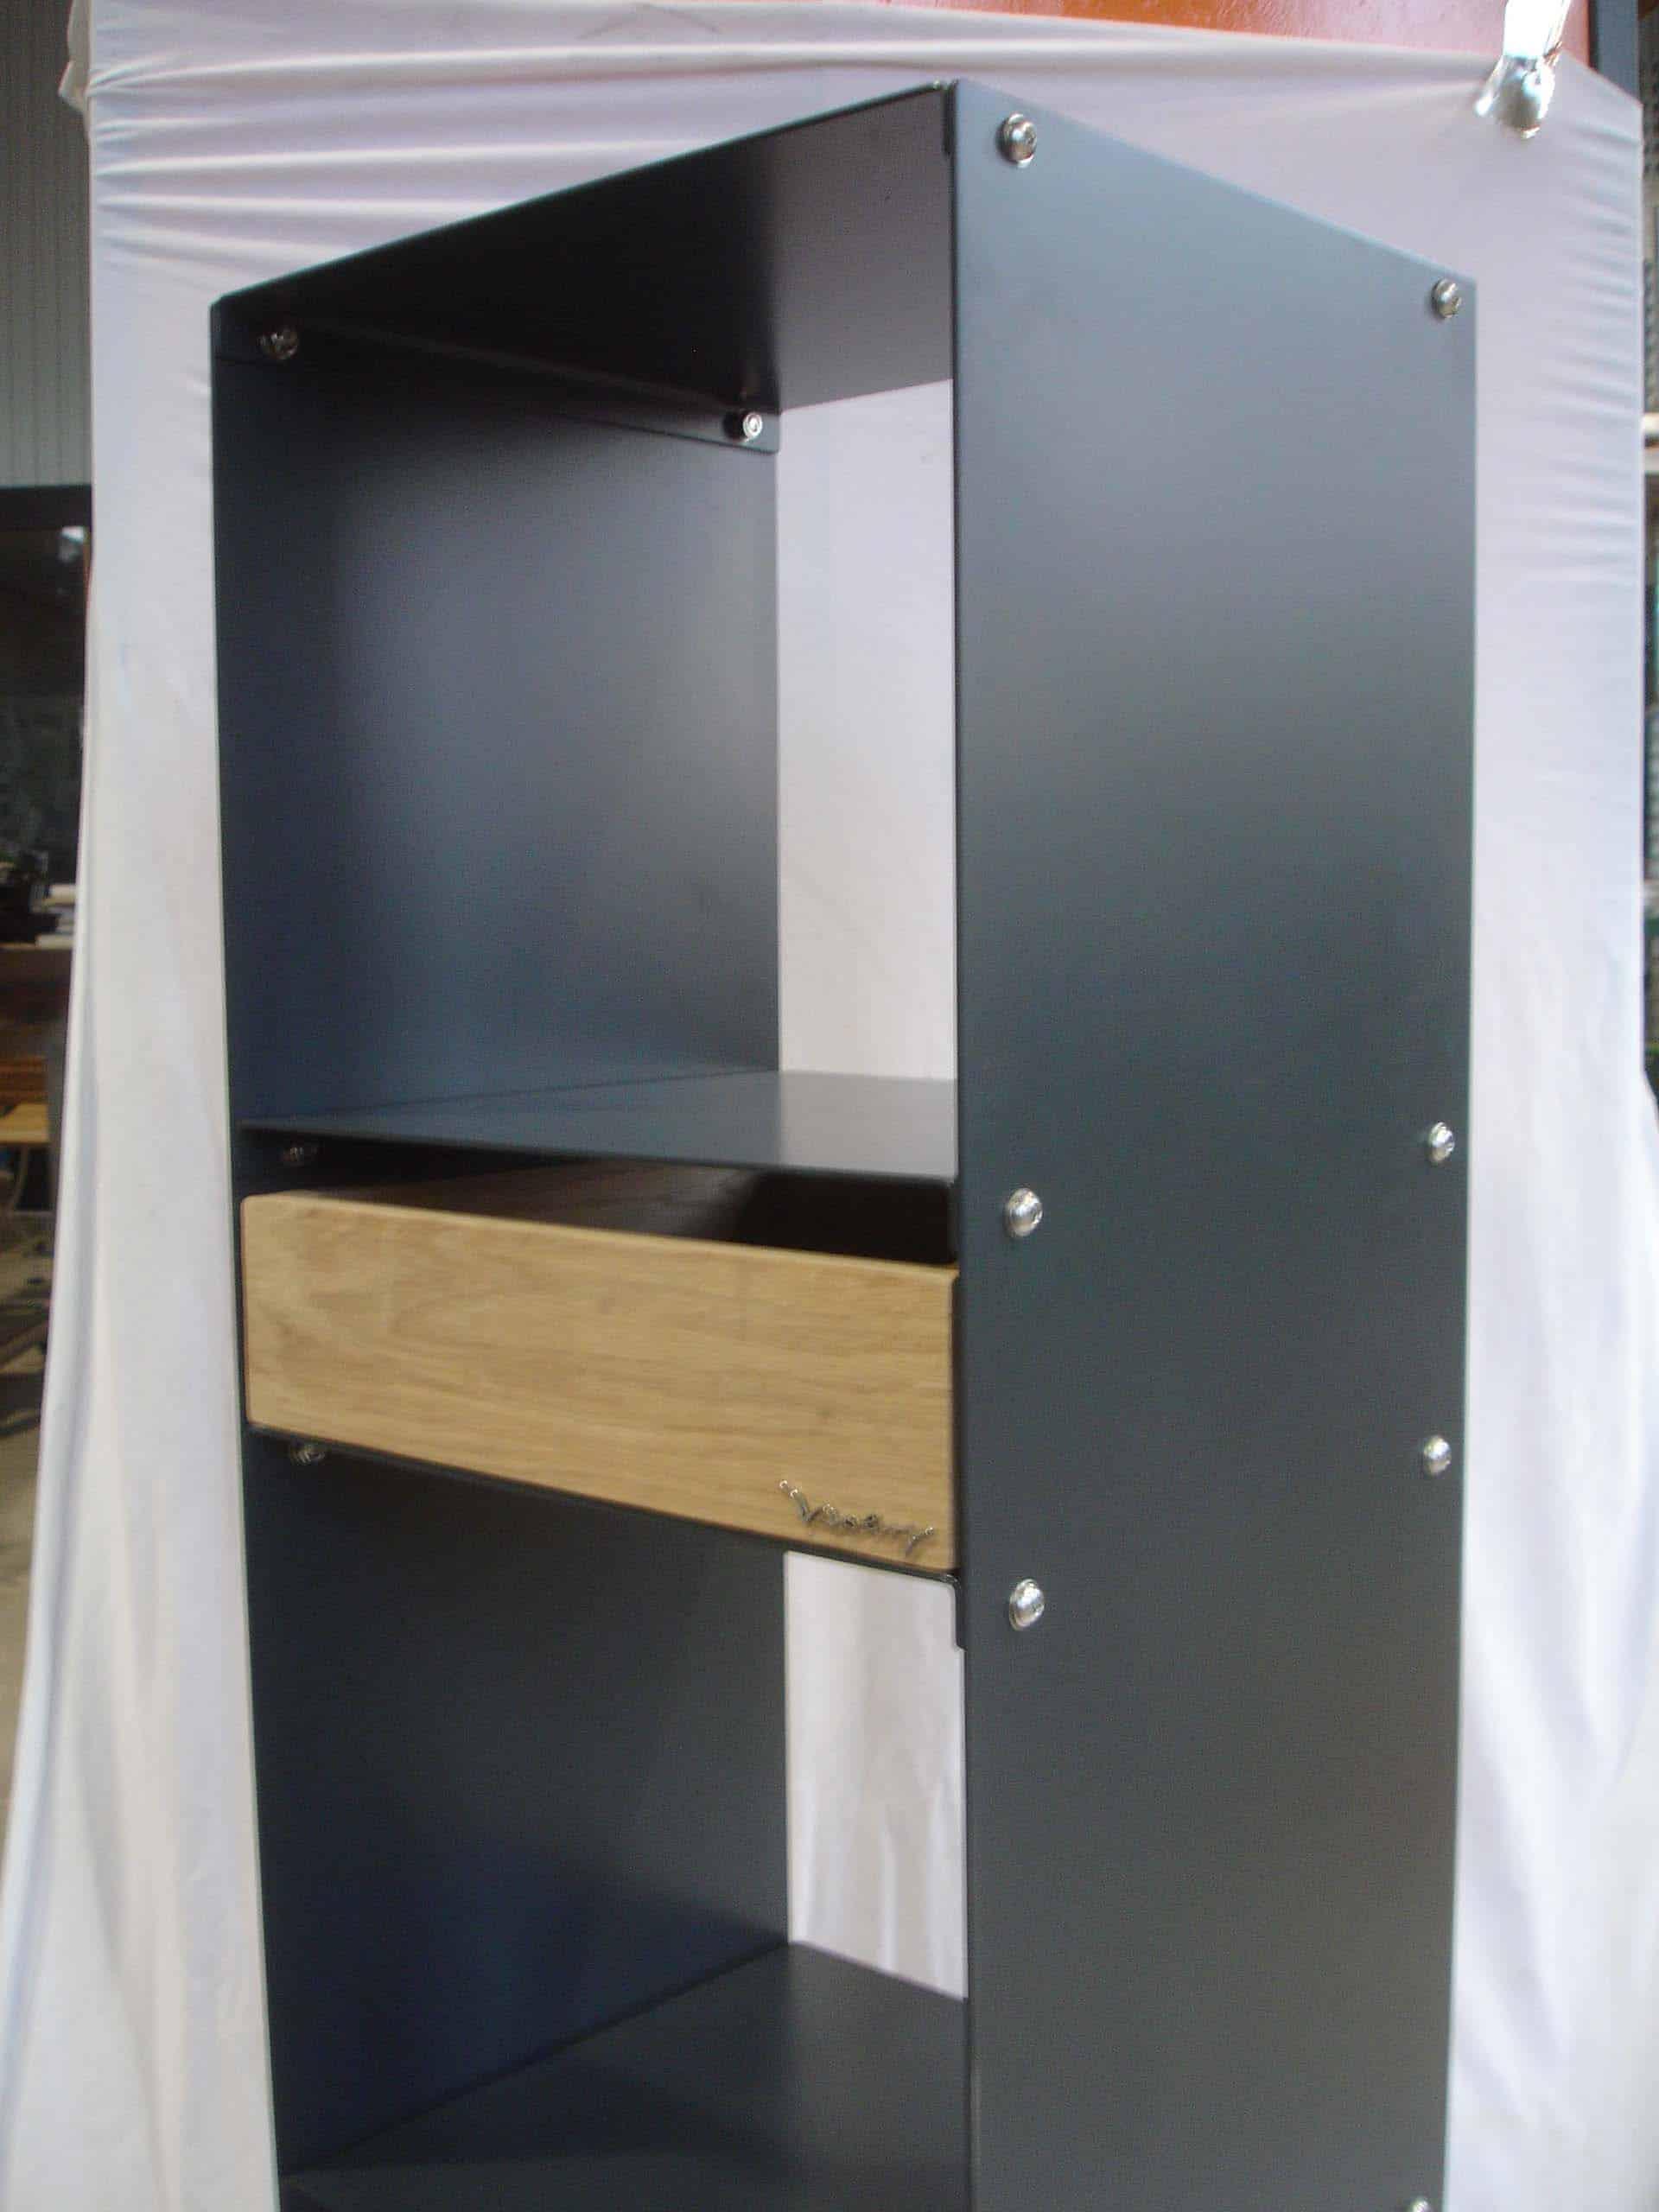 design-metallmoebel-stahlmoebel-sideboard-mit-schublade-stahl-holz-eiche-kaminholz-aufbewahrung-brennholzregal-stahlregal